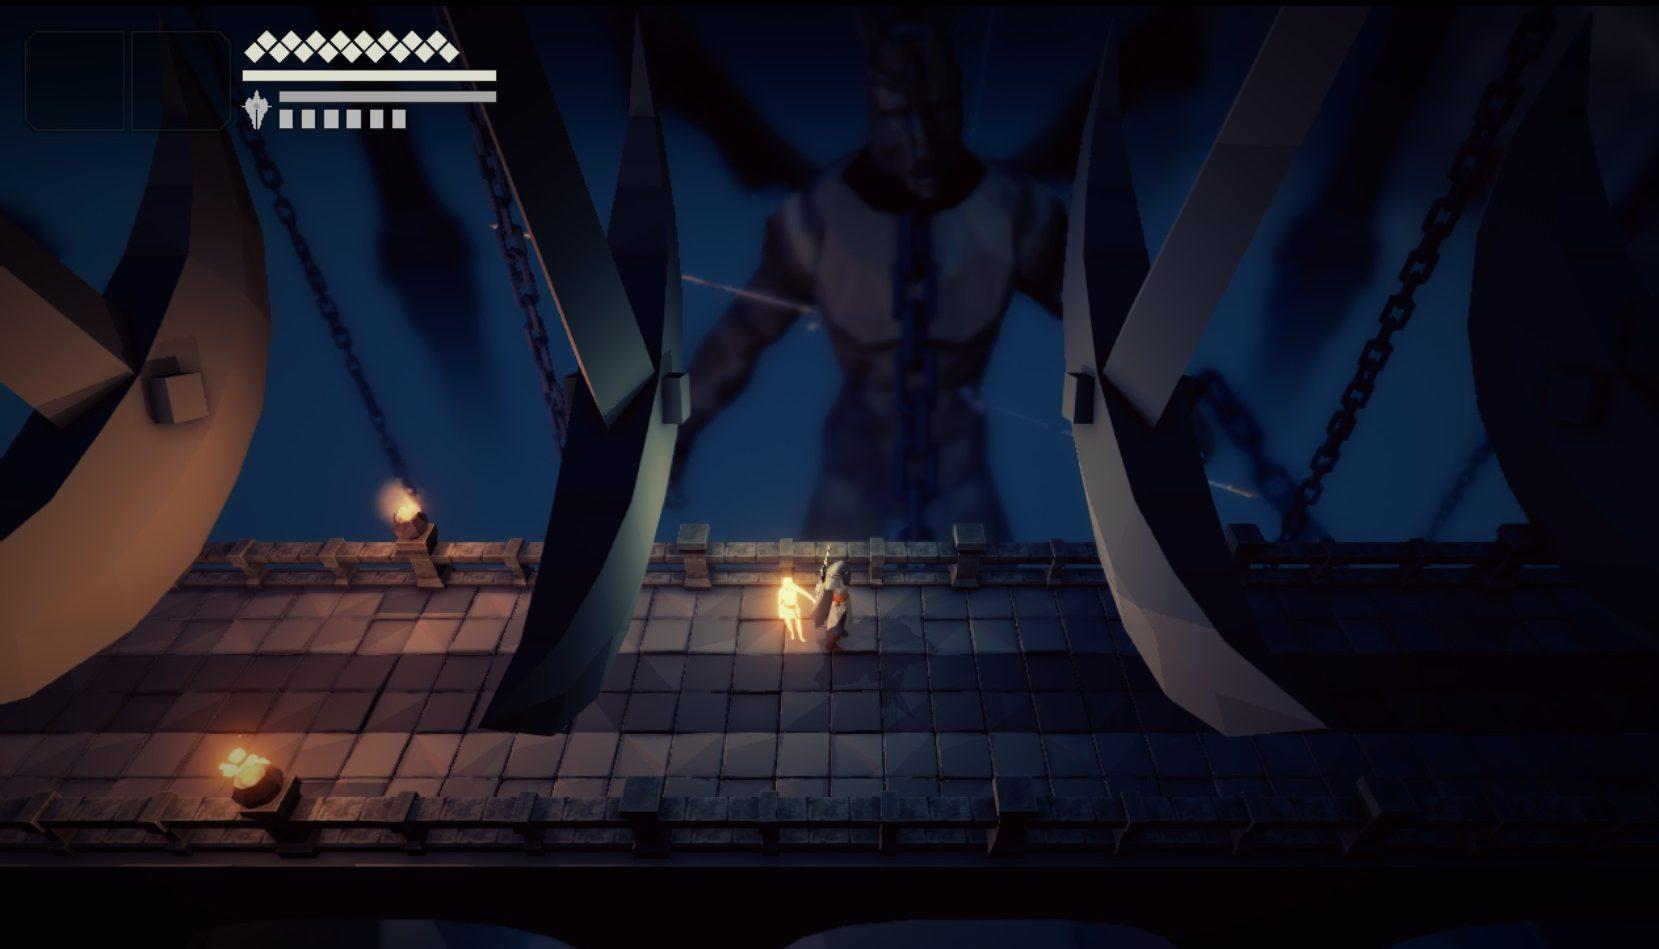 Imagem conceitual do jogo indie italiano Fall of Light, do estúdio RuneHeads. O jogo é inspirado em Dark Souls e Ico. Nyx e Aether cruzam um corredor com lâminas em pêndulo caindo do teto.